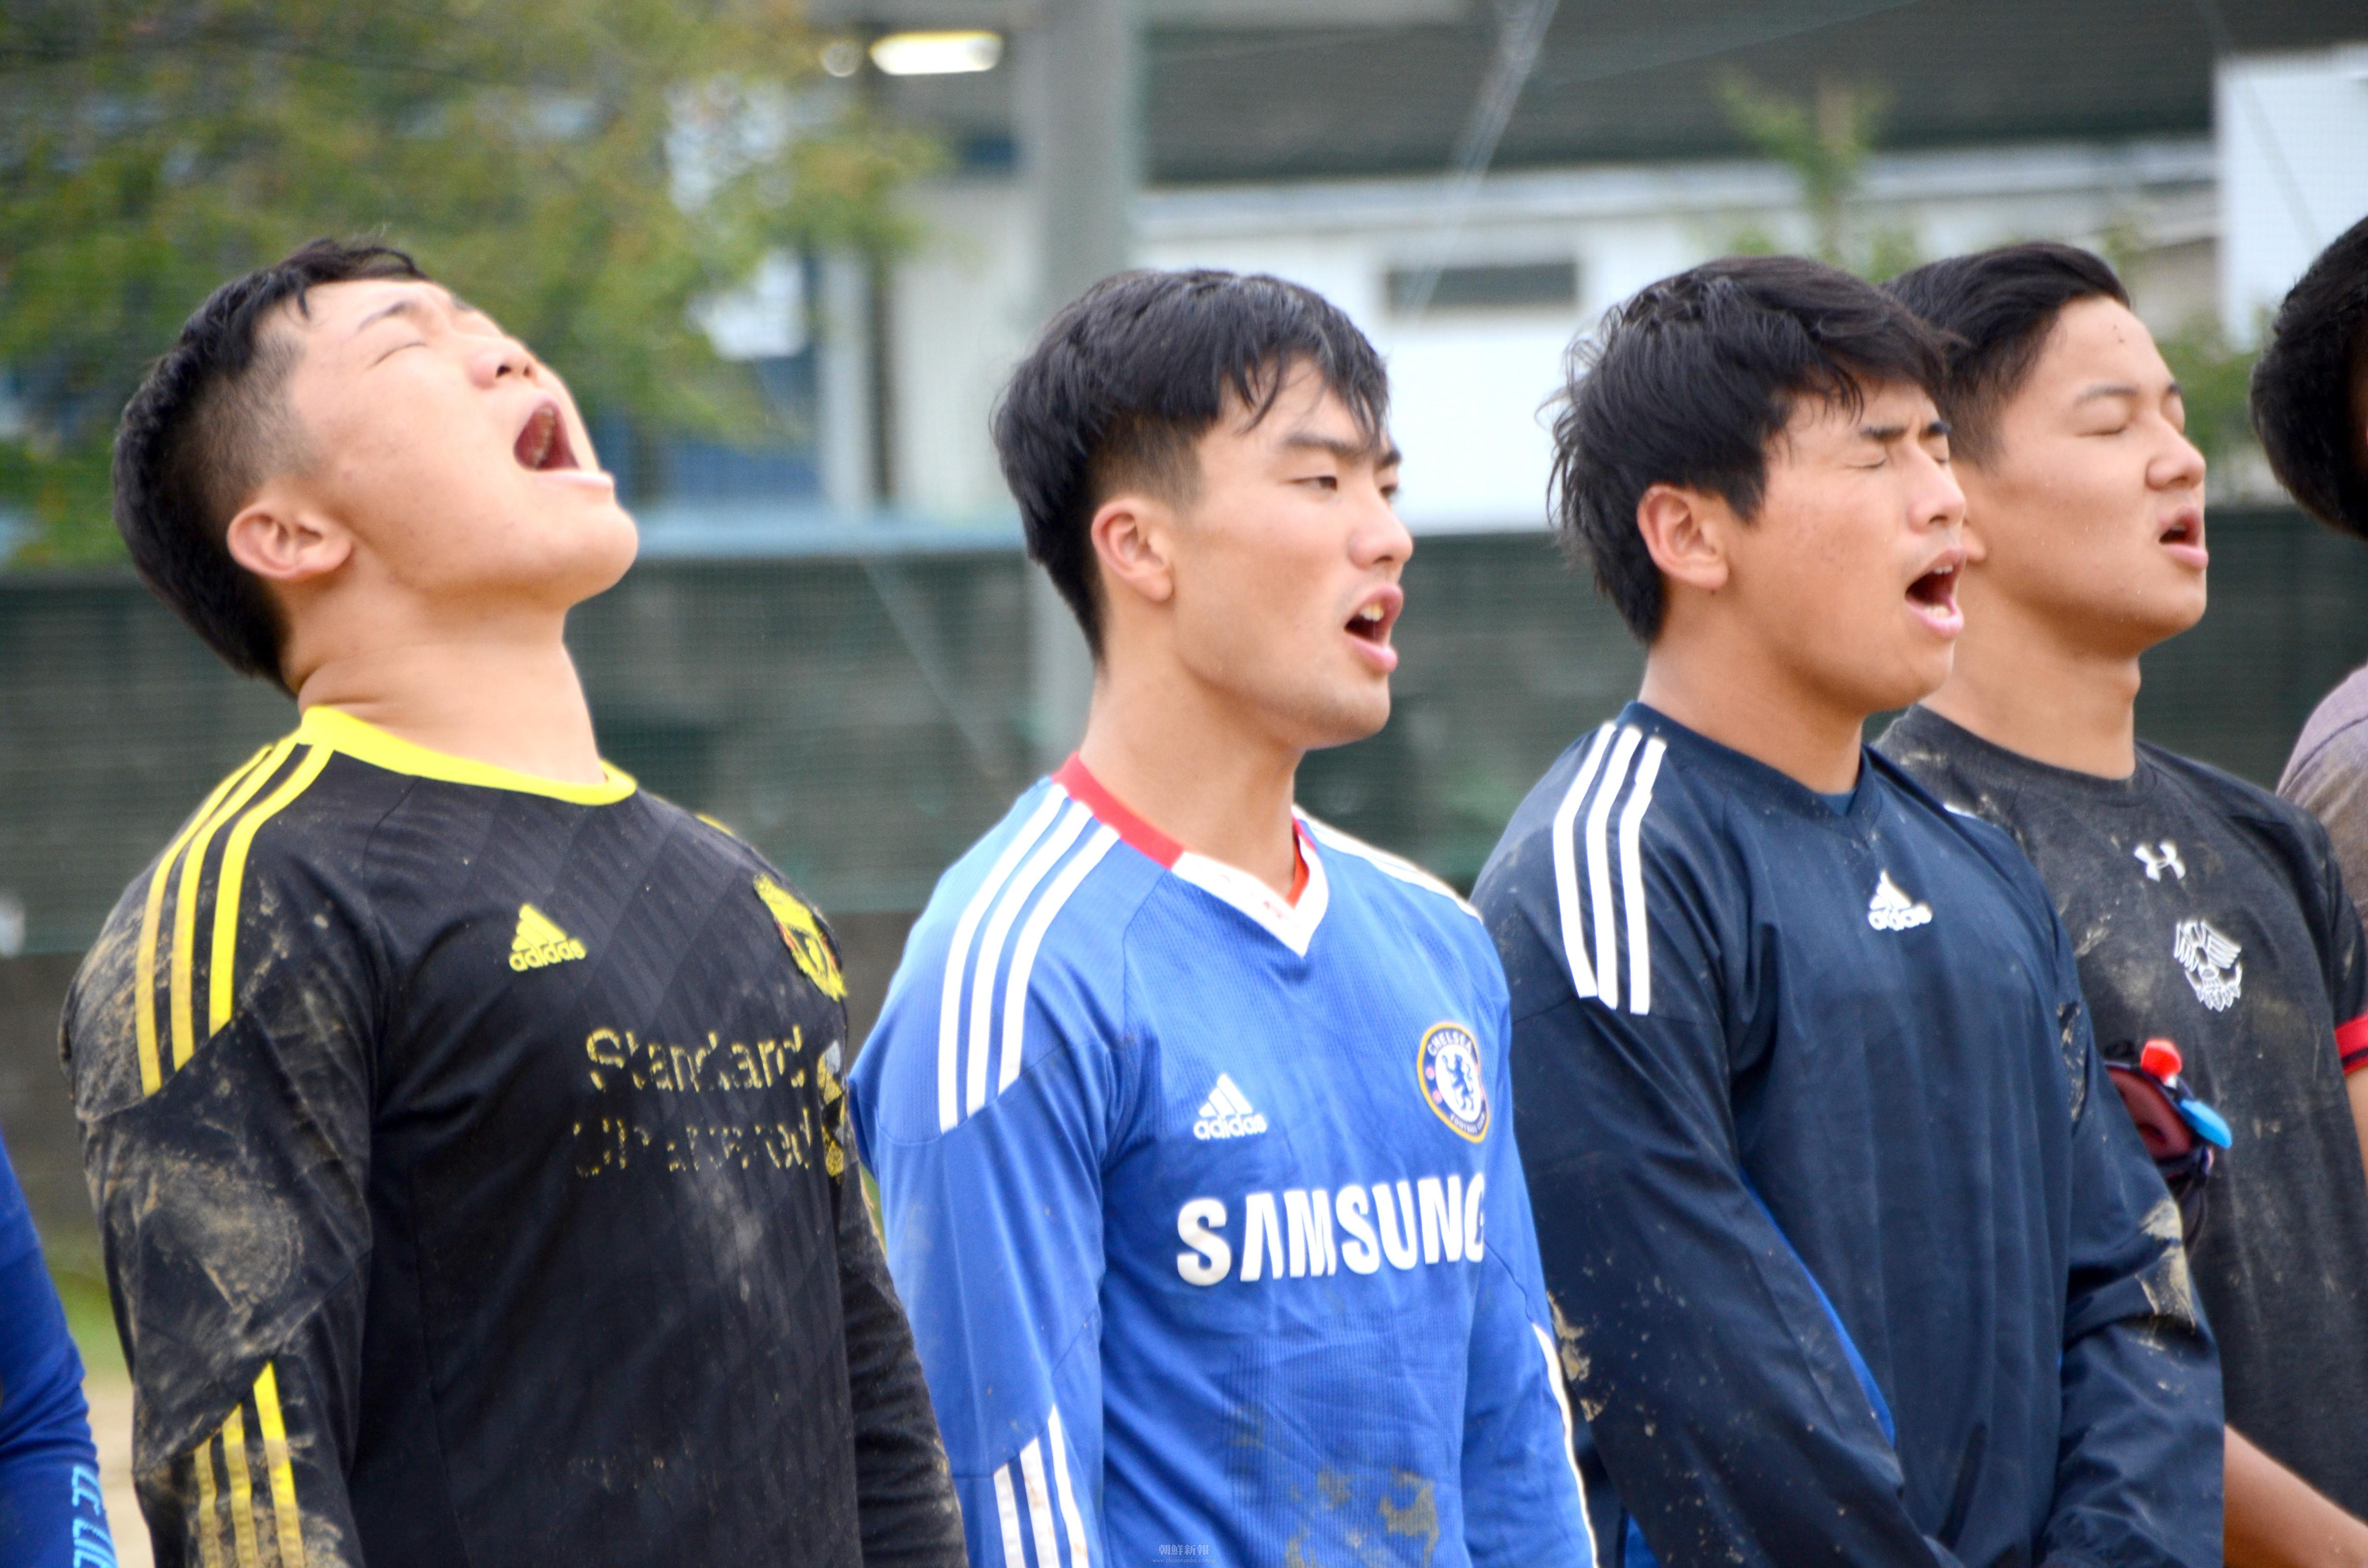 〈特集・大阪朝高ラグビー部 2〉「全国制覇」の牽引力に/チームを支える主将、副主将たち